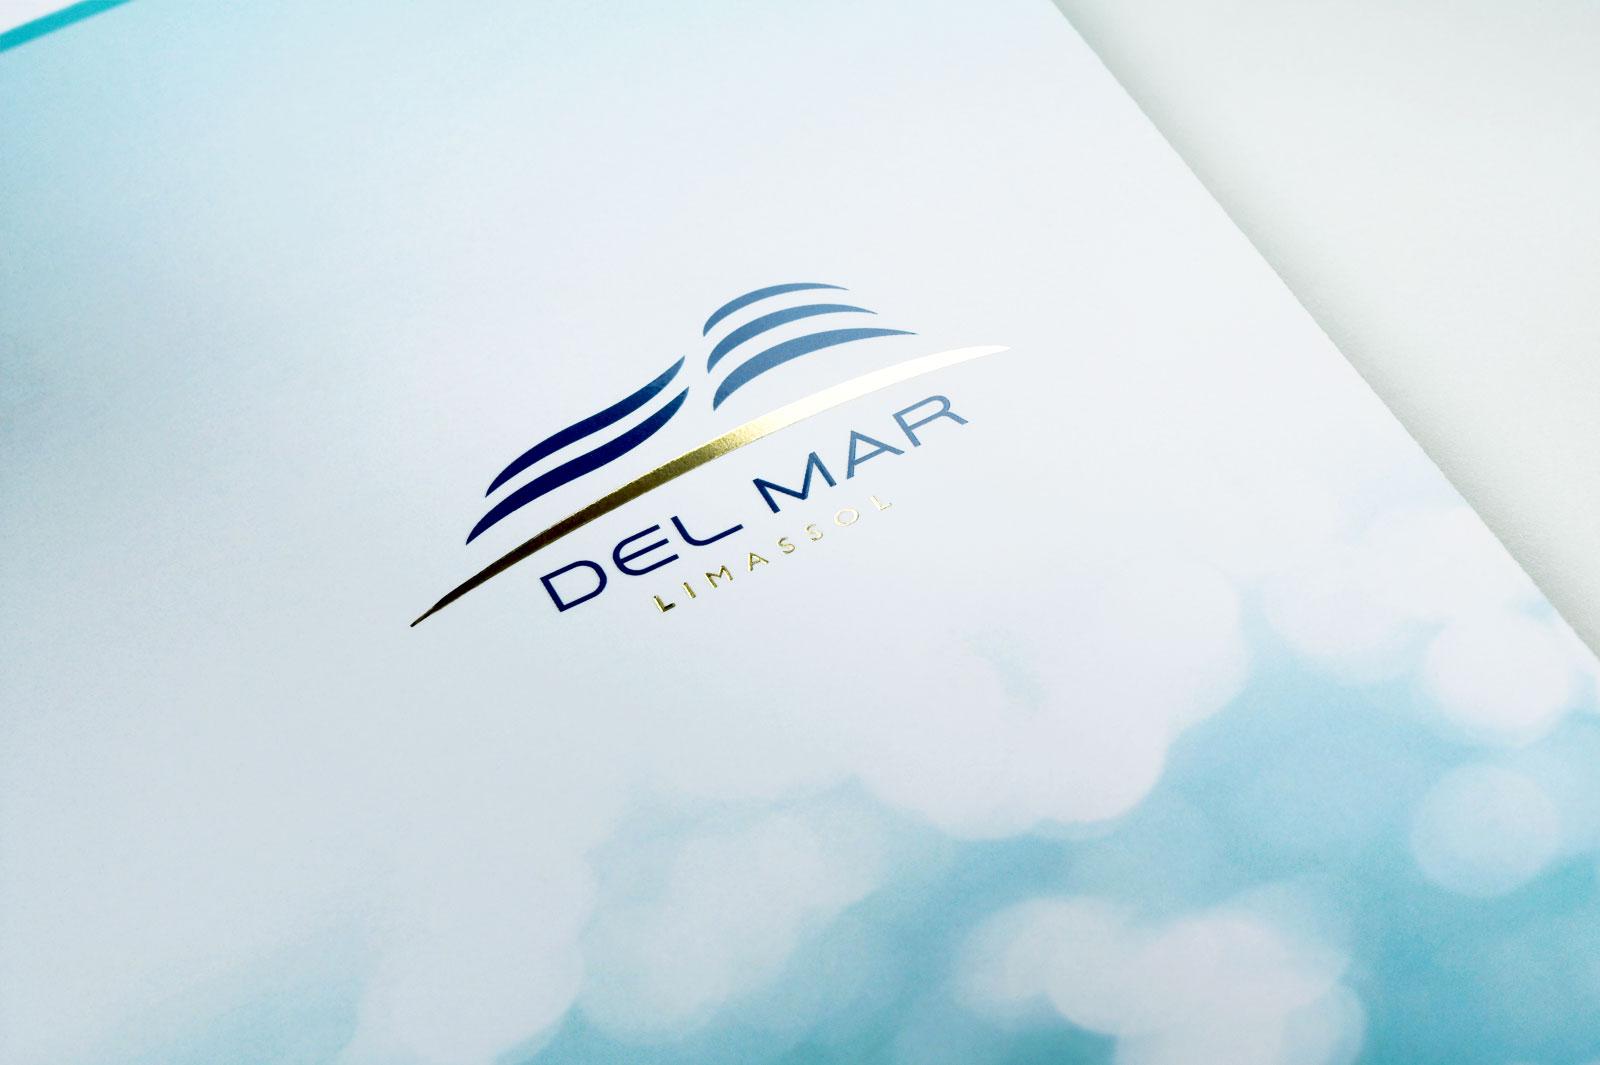 delmar-leaflet_04a_4bweb.jpg